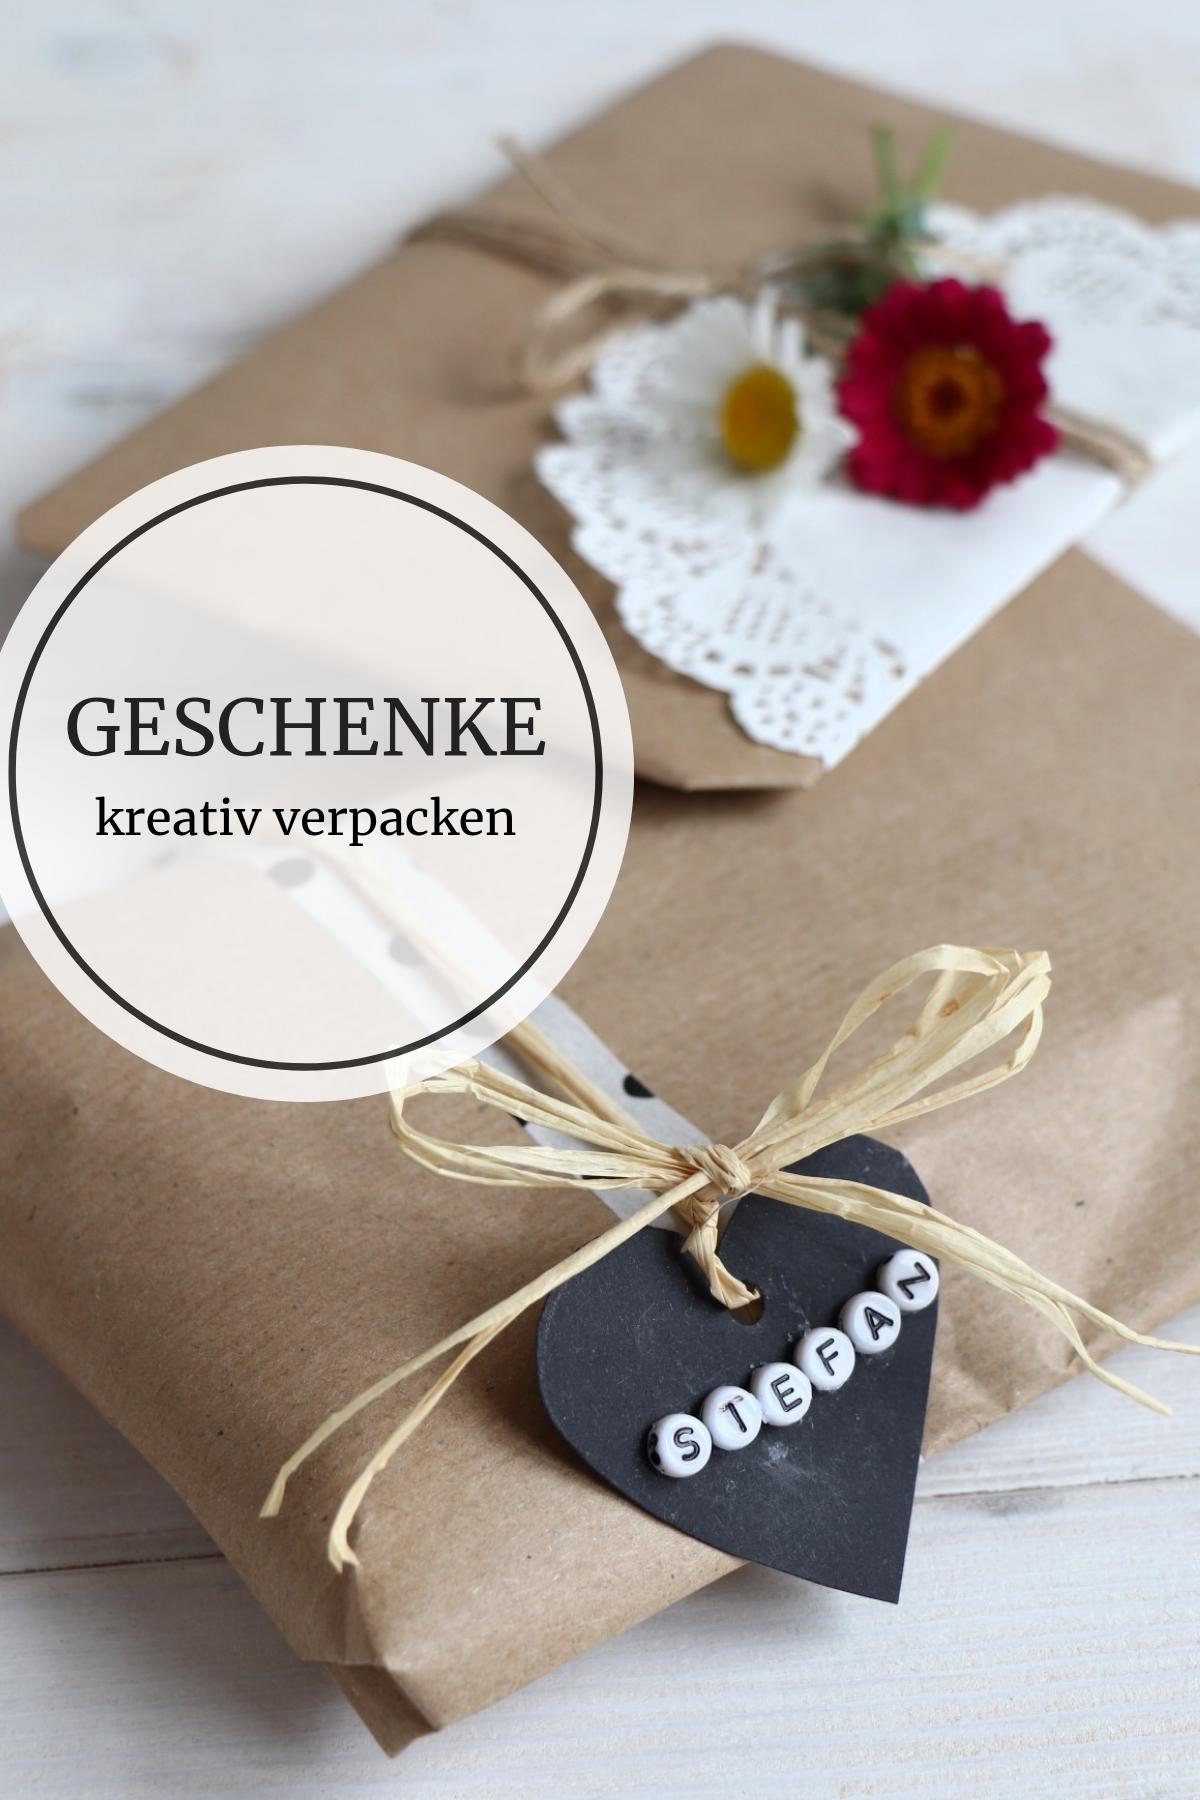 25++ Geschenke kreativ verpacken geburtstag 2021 ideen